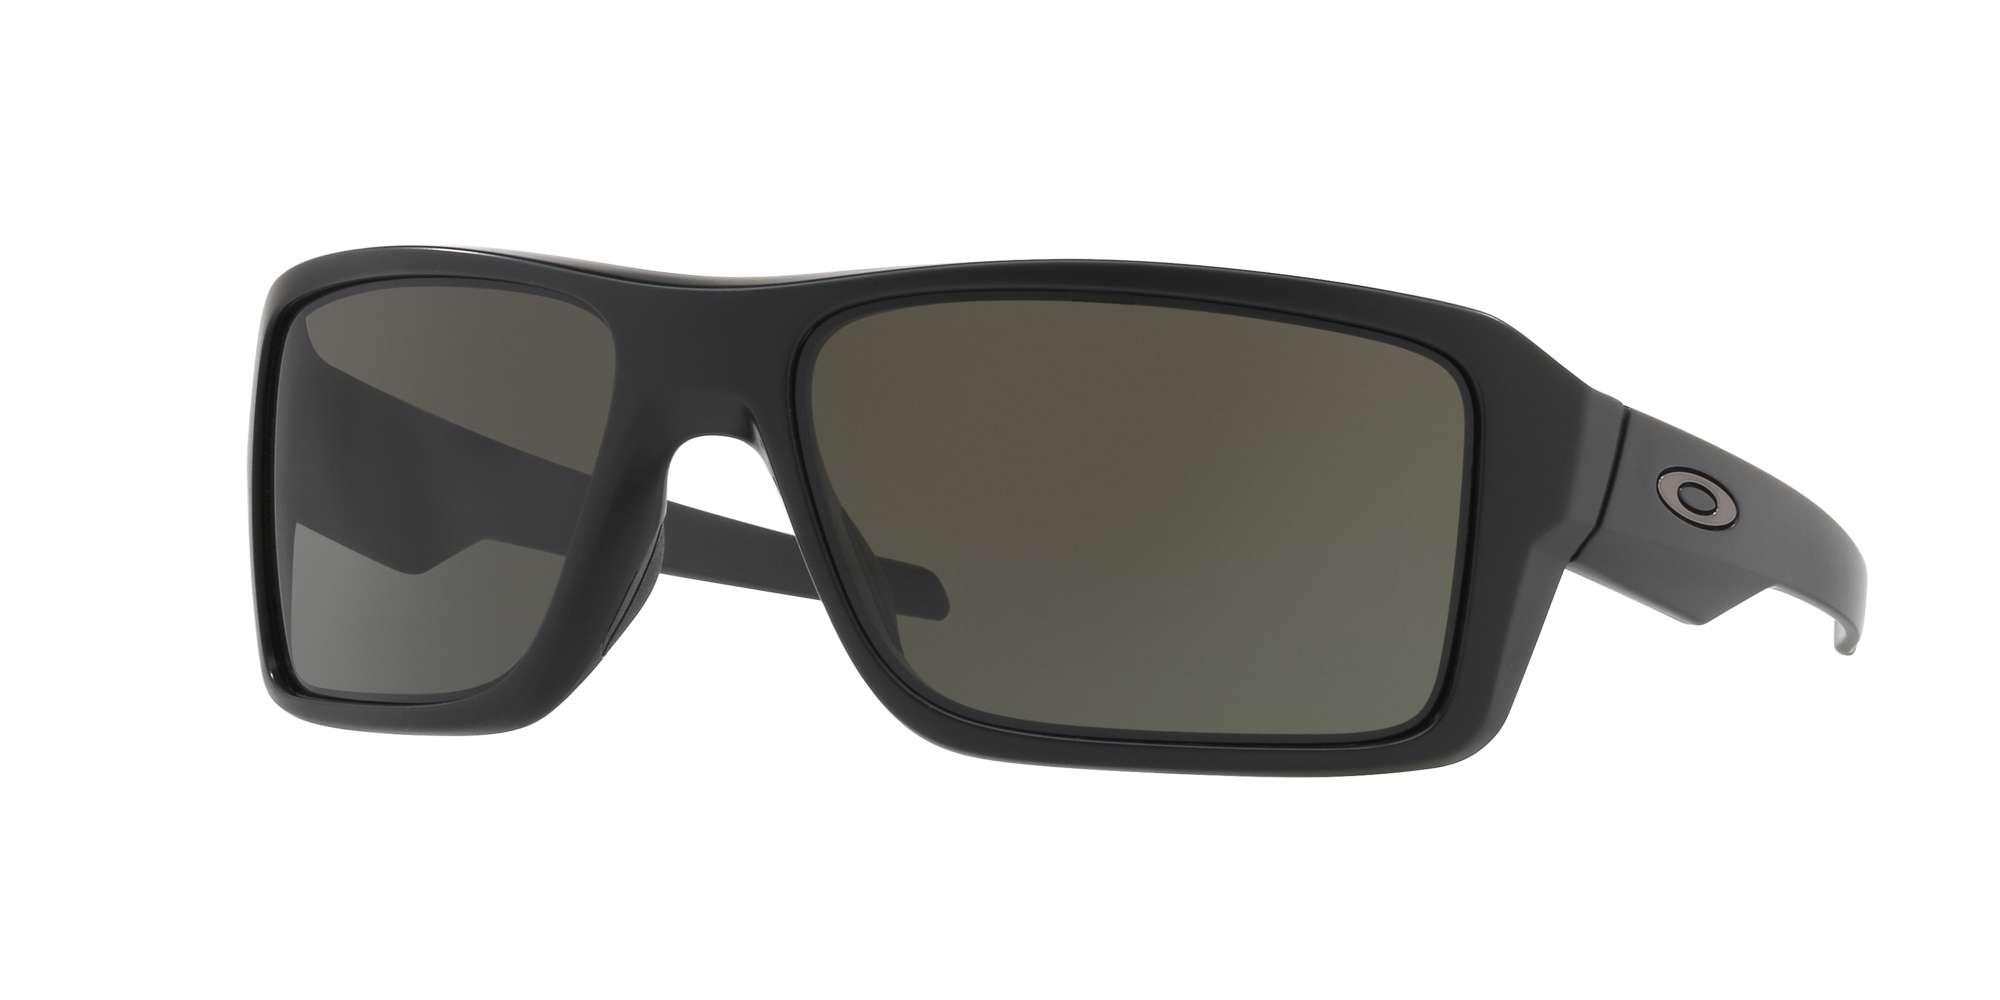 MATTE BLACK / DARK GREY lenses